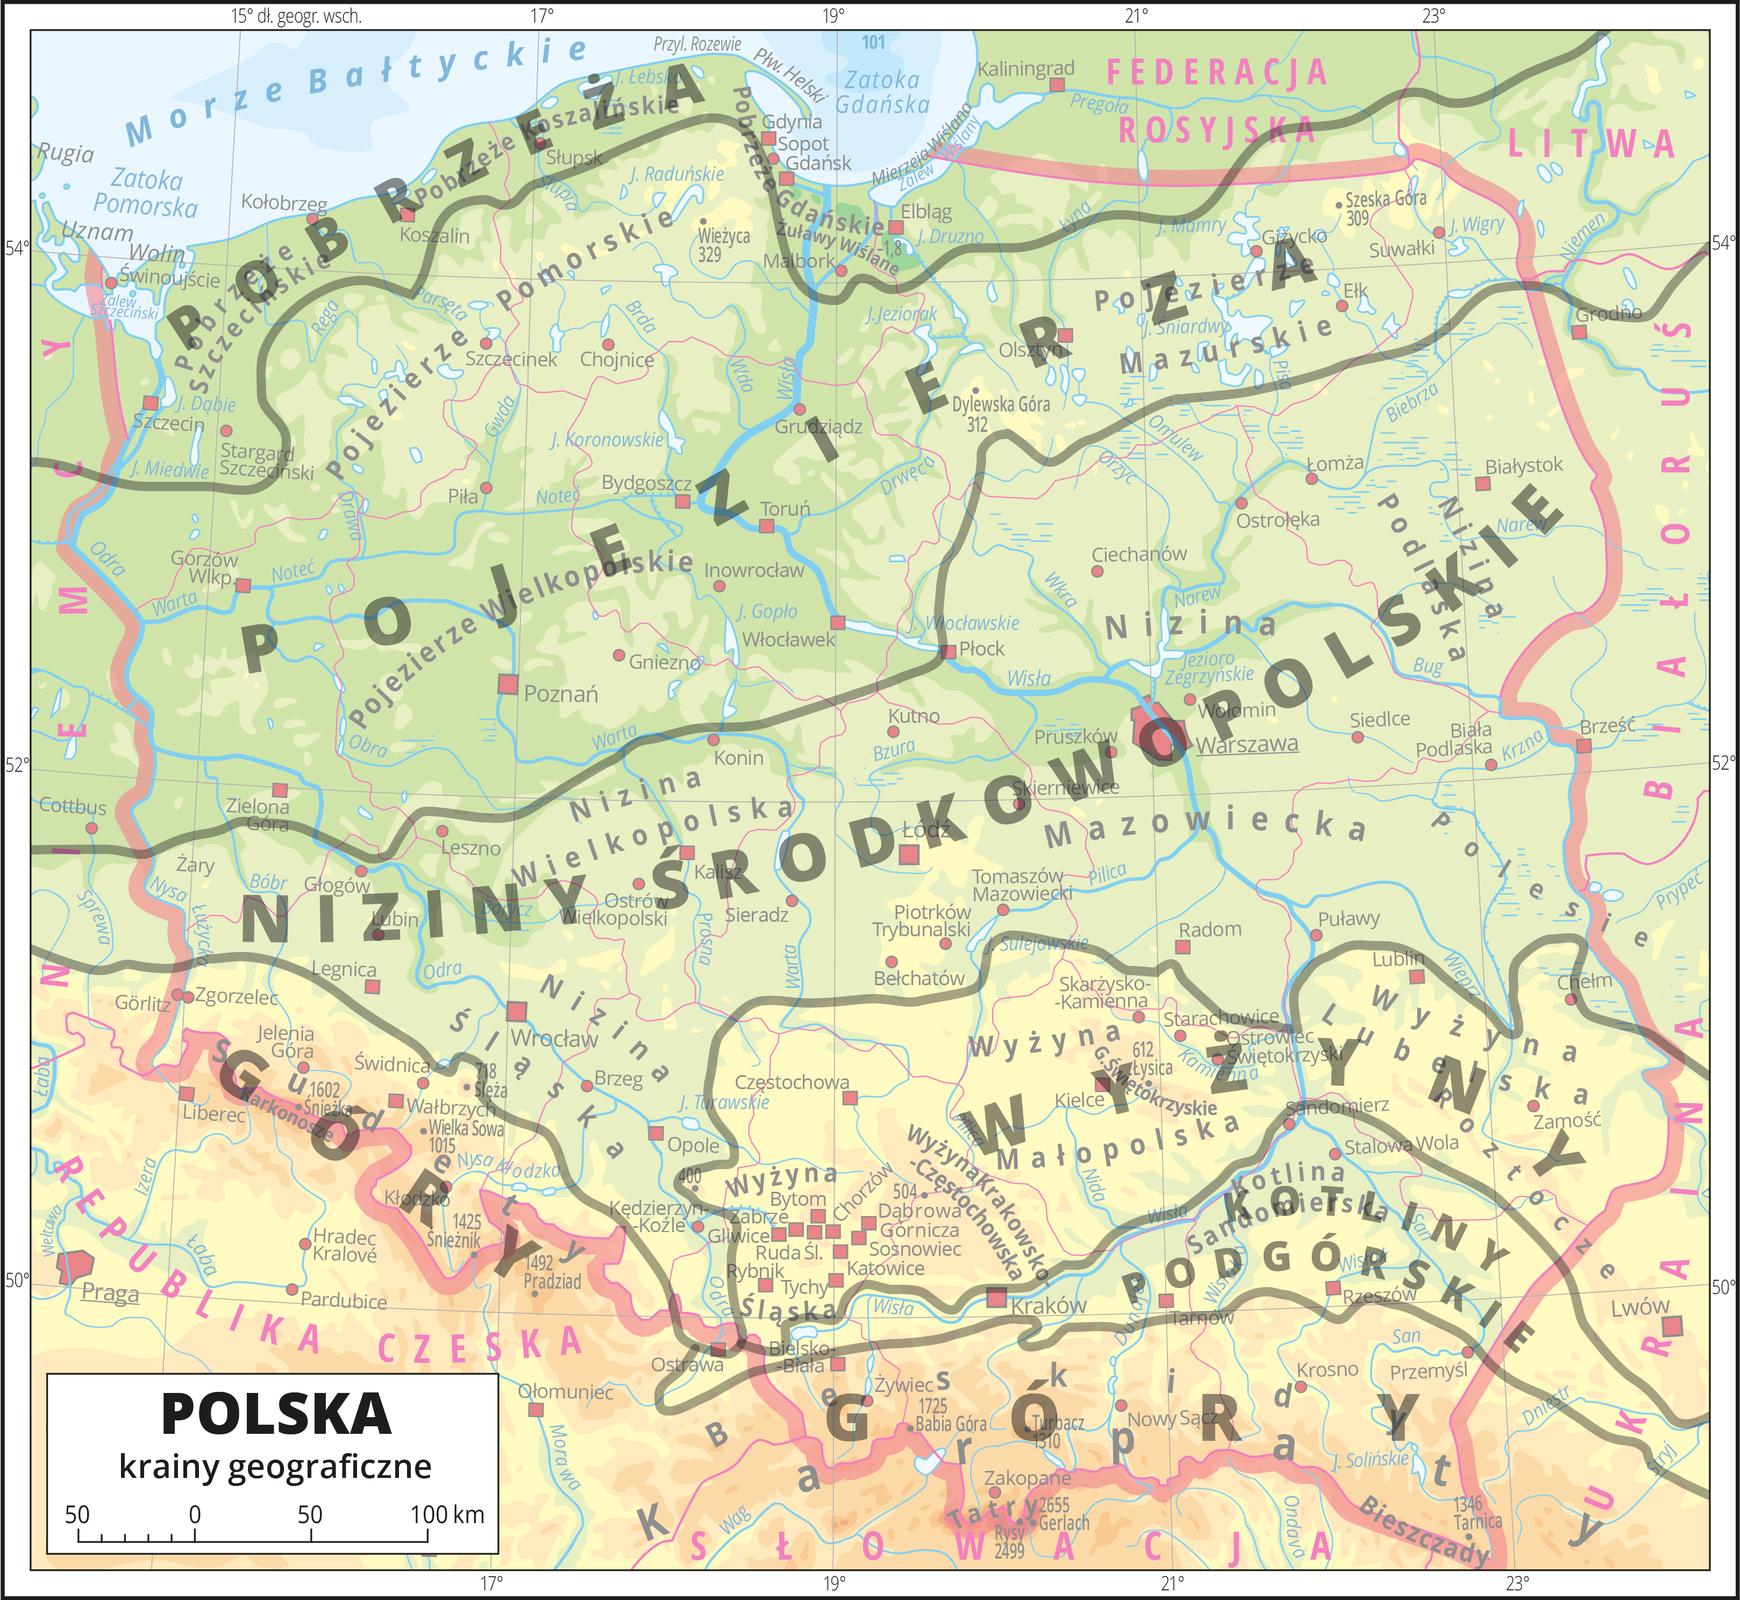 Ilustracja przedstawia mapę hipsometryczną Polski. Na mapę nałożone są linie oddzielające od siebie jednostki geograficzne: pobrzeża, pojezierza, niziny środkowopolskie, wyżyny, kotliny podgórskie, góry, które opisano na mapie. Po najechaniu na określony pas zostaje on podświetlony – reszta rozmyta. Wobrębie lądów występują obszary wkolorze zielonym, żółtym, pomarańczowym iczerwonym. Na północy przeważają obszary wkolorze zielonym przechodzące ku południowi wkolor żółty ipomarańczowy aż do czerwonego. Morza zaznaczono kolorem niebieskim Na mapie opisano nazwy jednostek geograficznych, półwyspów, wysp, głównych nizin, wyżyn ipasm górskich, morza, zatok, zalewów, rzek ijezior. Na obszarze morza wwybranych miejscach opisano głębokości. Oznaczono czerwonymi kropkami ikwadracikami oraz opisano główne miasta, stolicę – Warszawę wyróżniono sygnaturą uwzględniającą kształt iwielkość powierzchni miasta. Oznaczono czarnymi kropkami iopisano wysokością oraz nazwą szczyty górskie. Różową wstążką oznaczono granice Polski, czerwoną linią oznaczono granice pozostałych państw. Kolorem czerwonym opisano państwa sąsiadujące zPolską.Mapa pokryta jest równoleżnikami ipołudnikami. Dookoła mapy wbiałej ramce opisano współrzędne geograficzne co dwa stopnie.